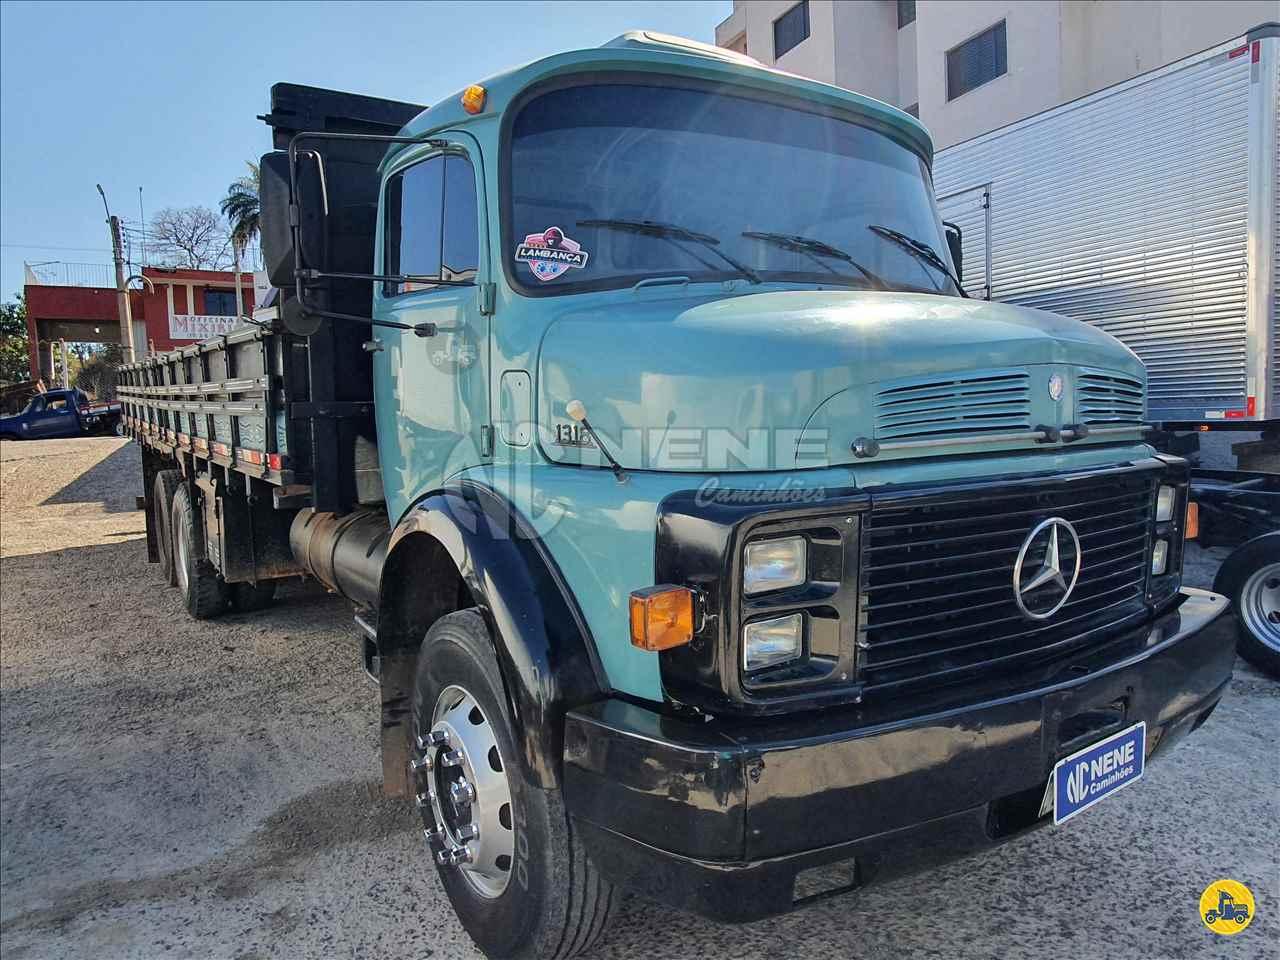 MB 1318 de Nene Caminhões - SAO JOAO DA BOA VISTA/SP